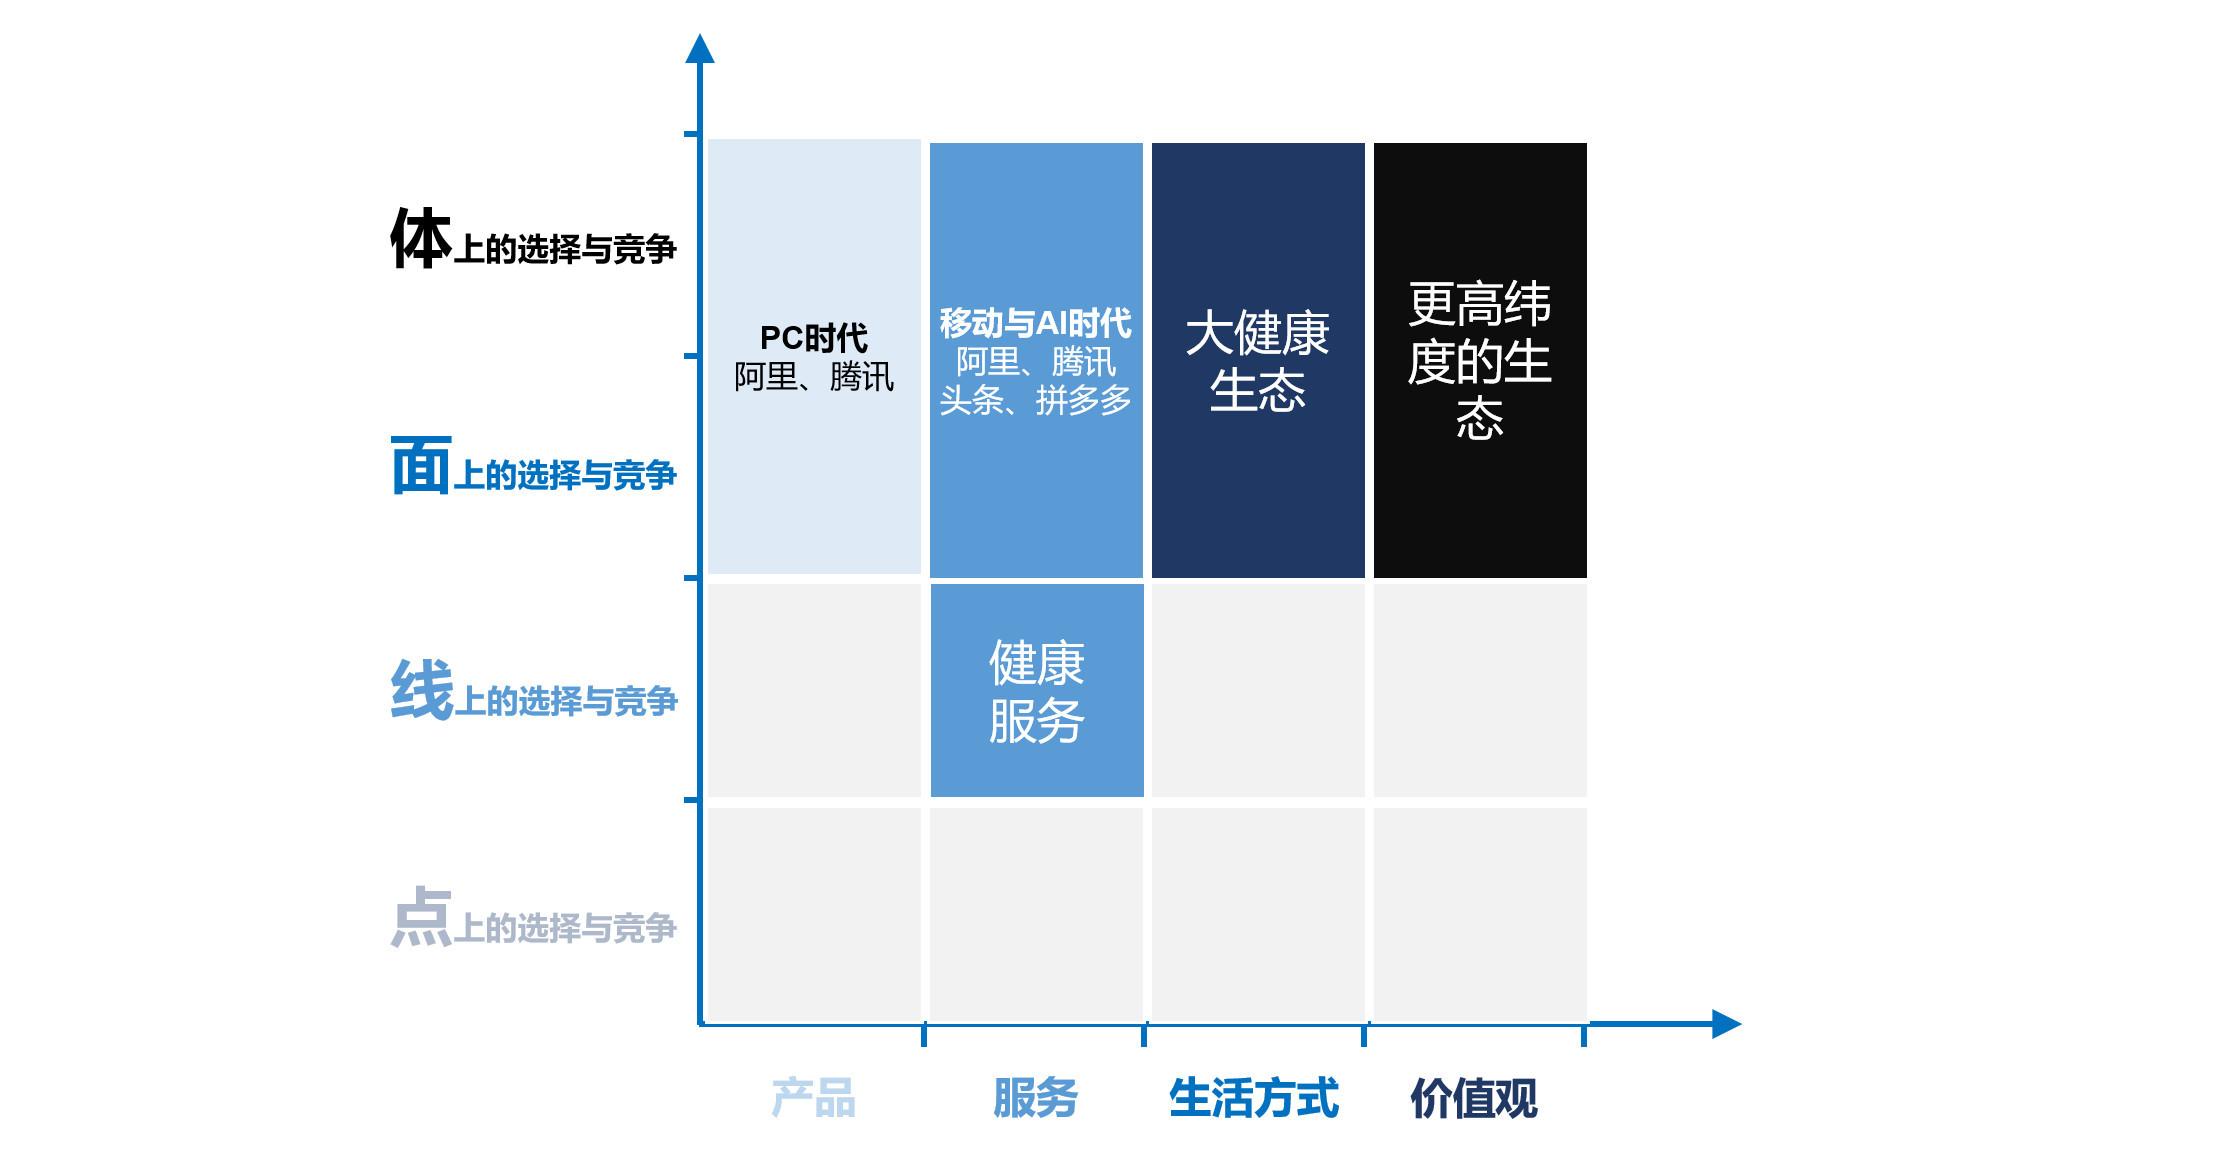 图13:健康所处位置与目标对比 来源:李有龙《保险业生态战略系列培训课程》